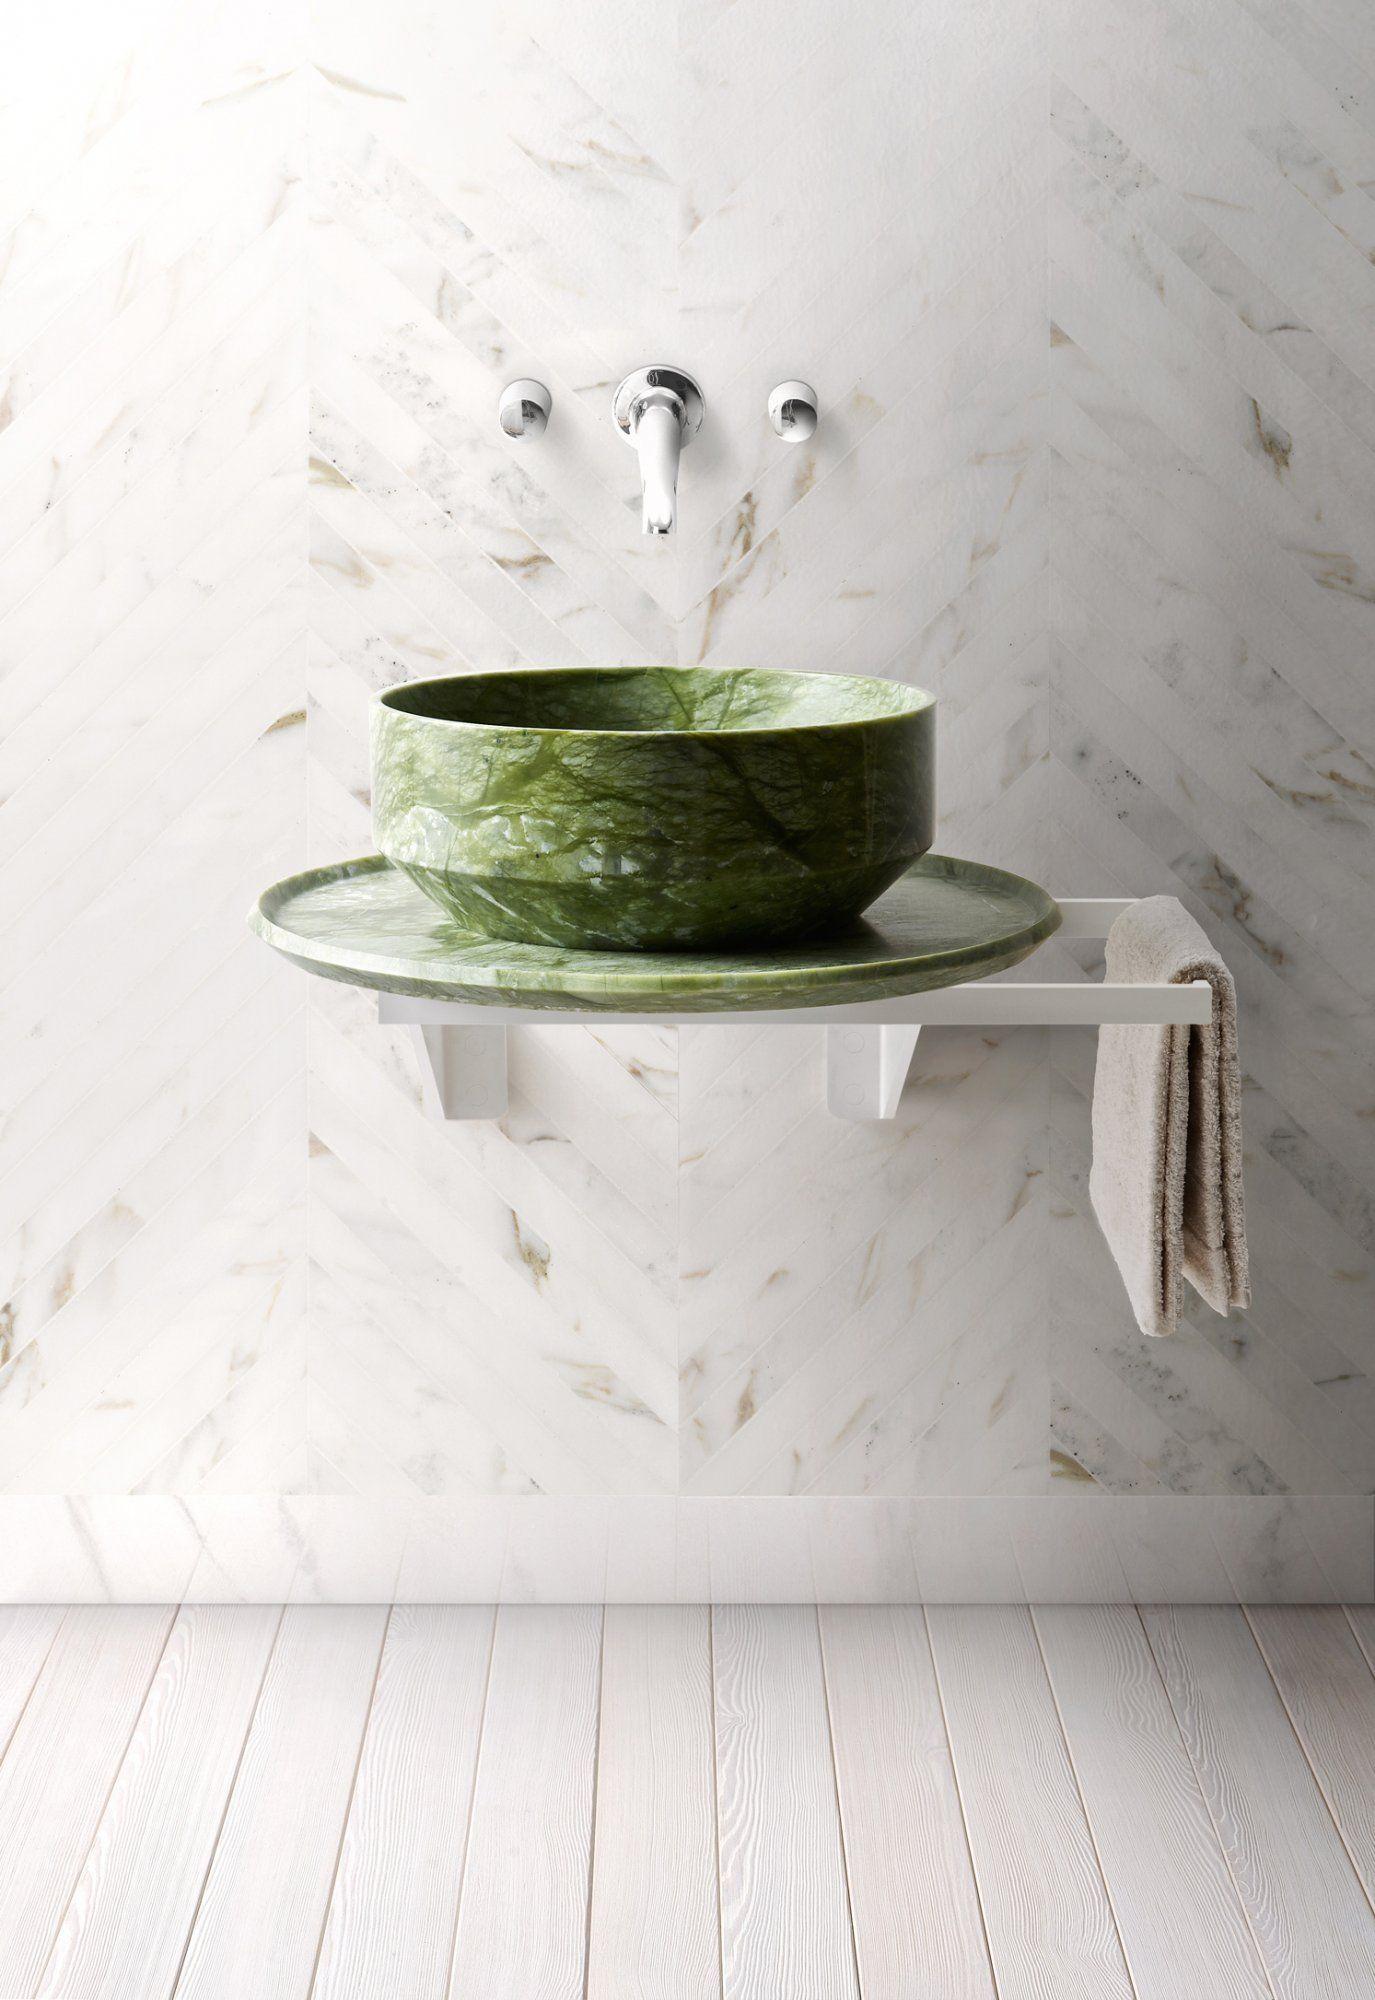 Badezimmer ideen über toilette colour is back  bäder u wc  pinterest  badezimmer bad und waschtisch